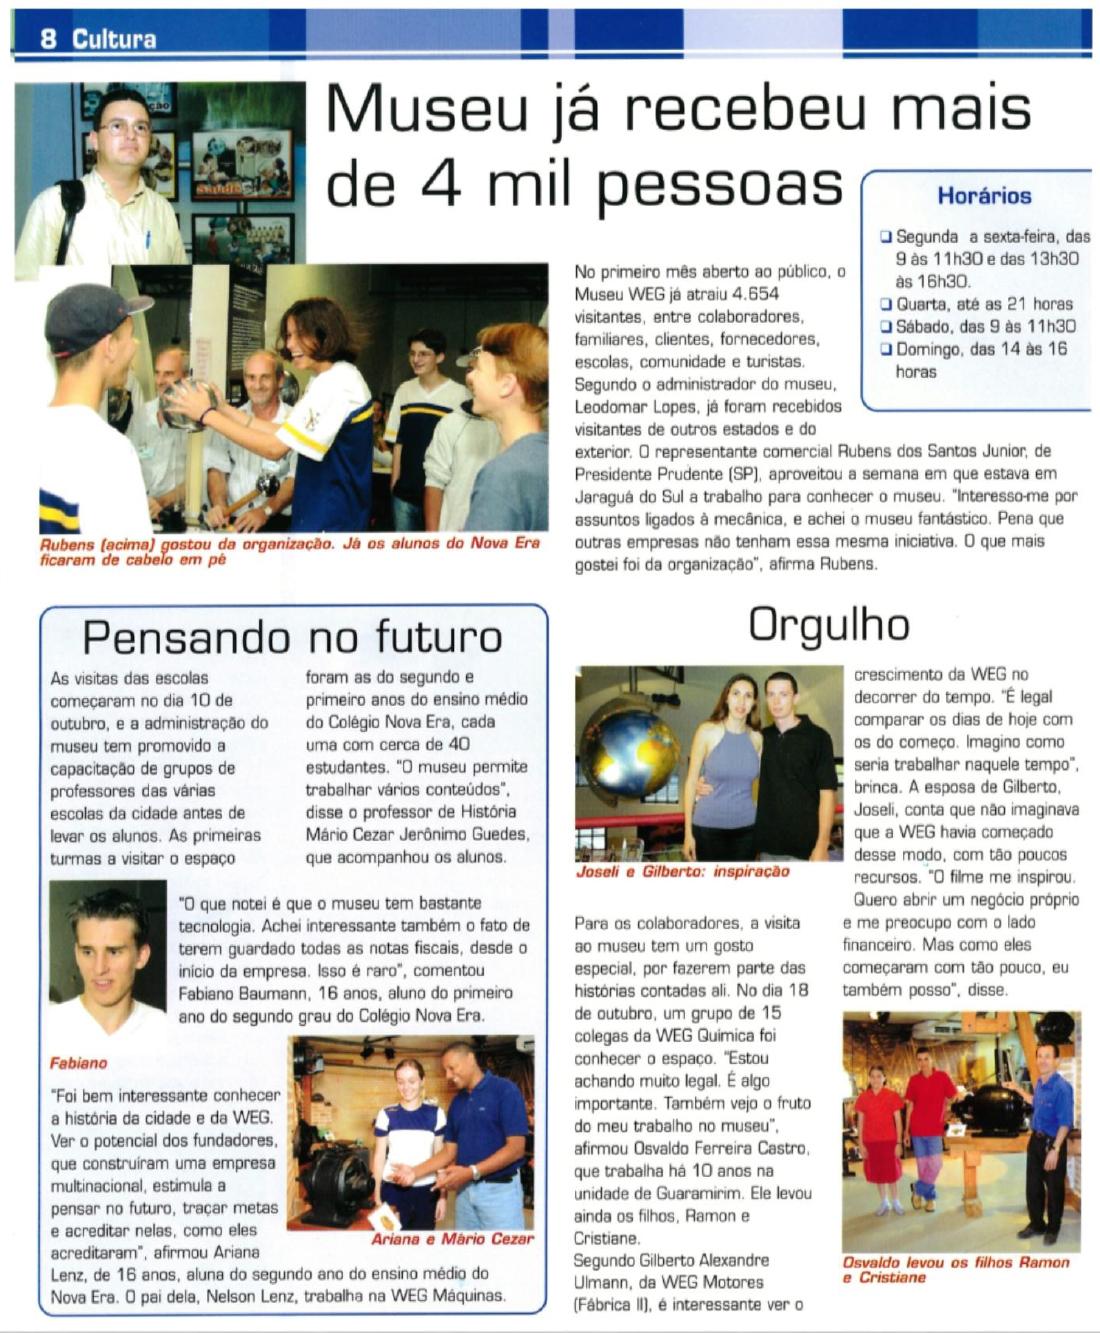 Extraído do Notícias WEG Colaborador nº 187 de Outubro/2003 Acervo Museu WEG de Ciência e Tecnologia